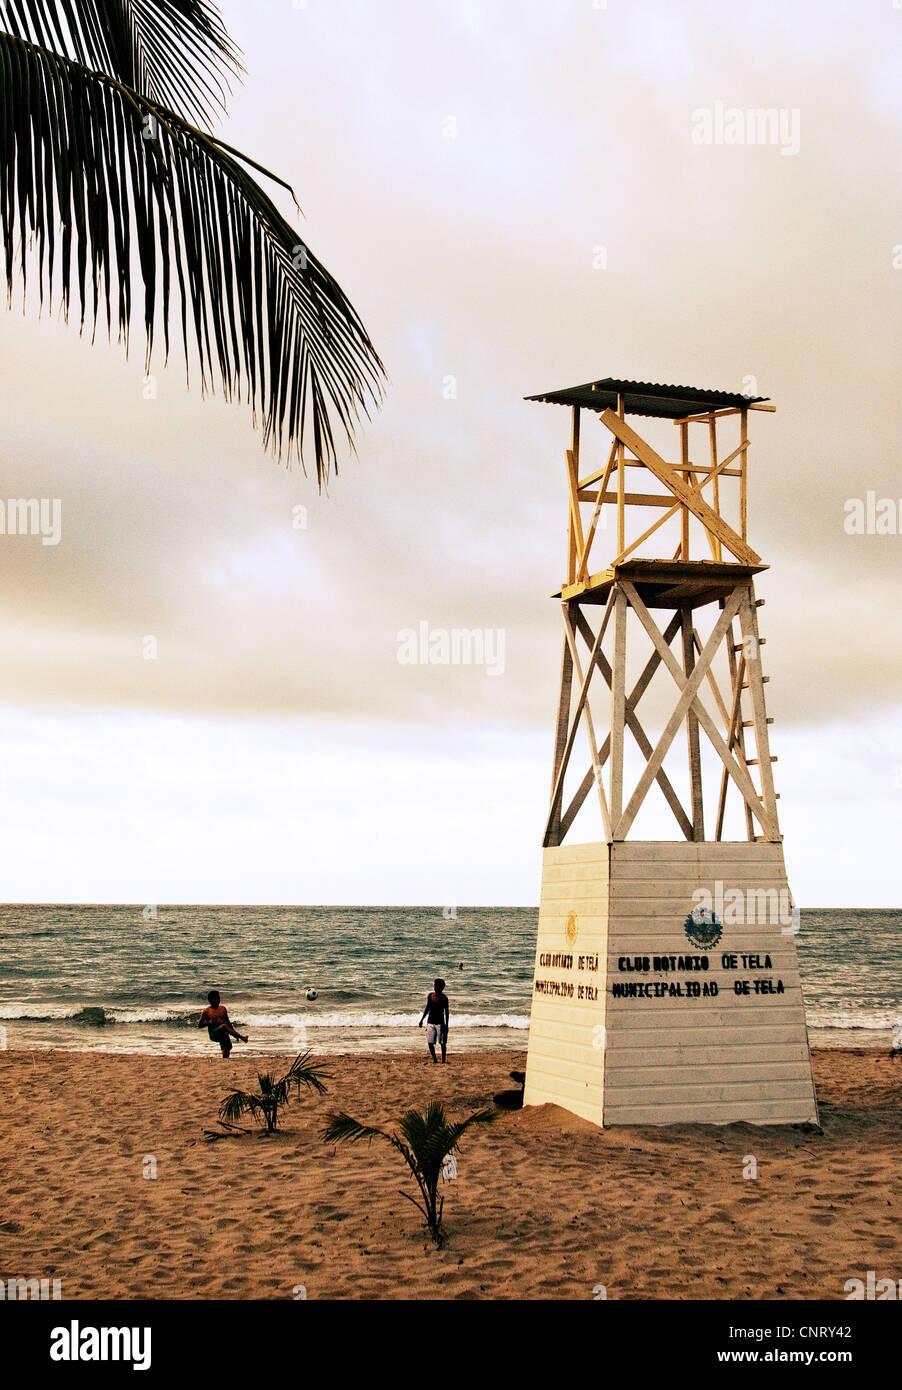 Playa de tela. Imagen De Stock